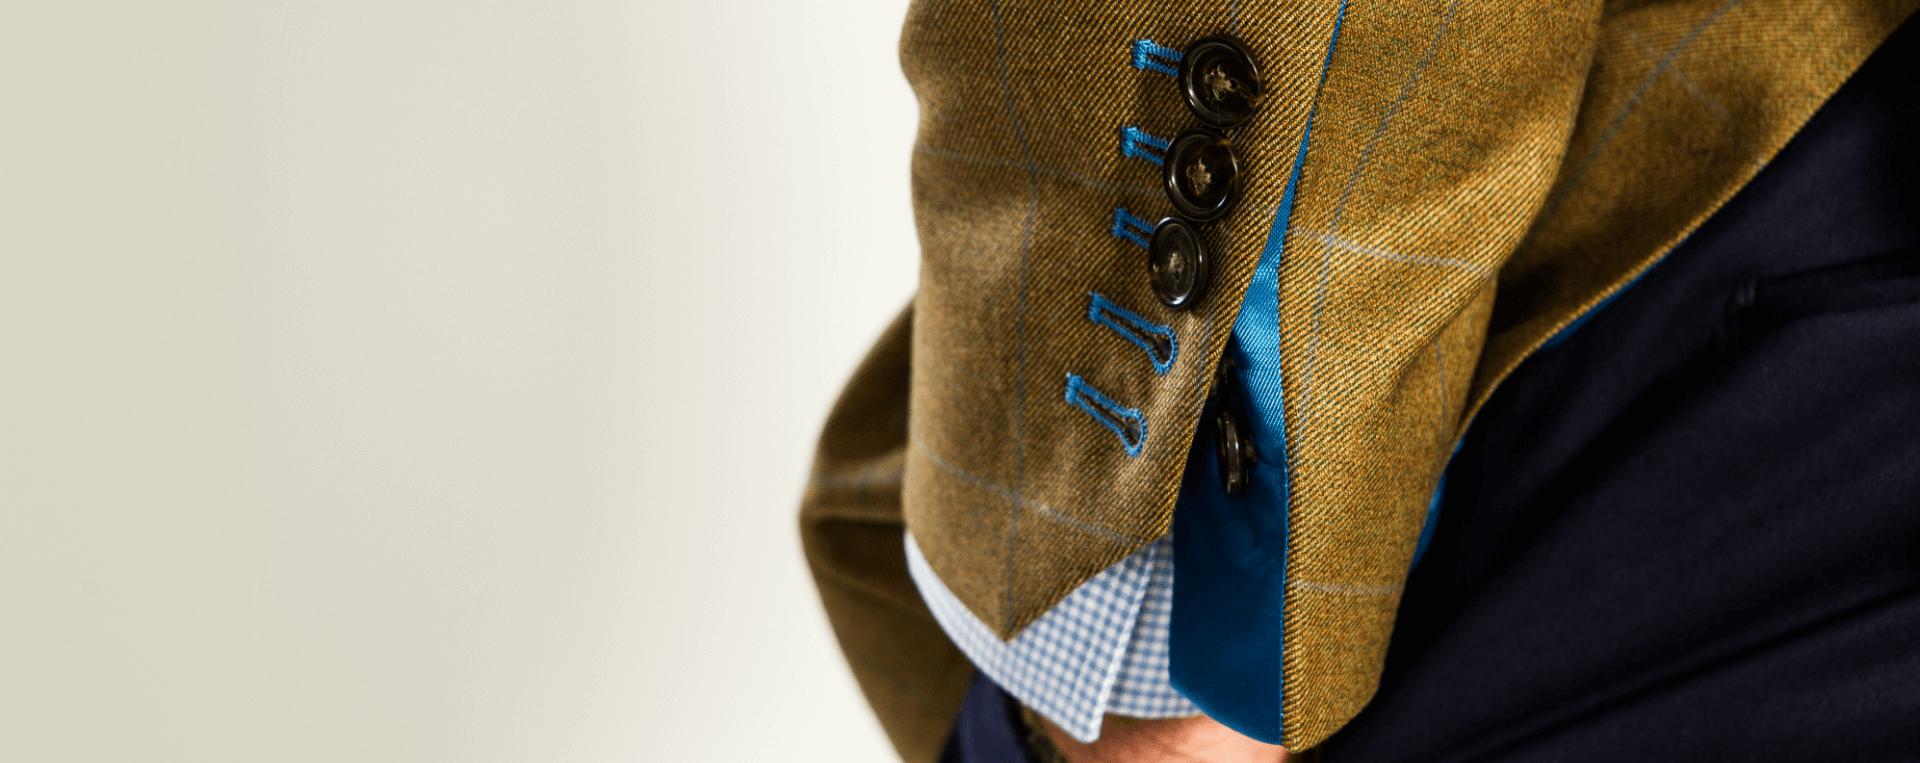 sleeve-detail